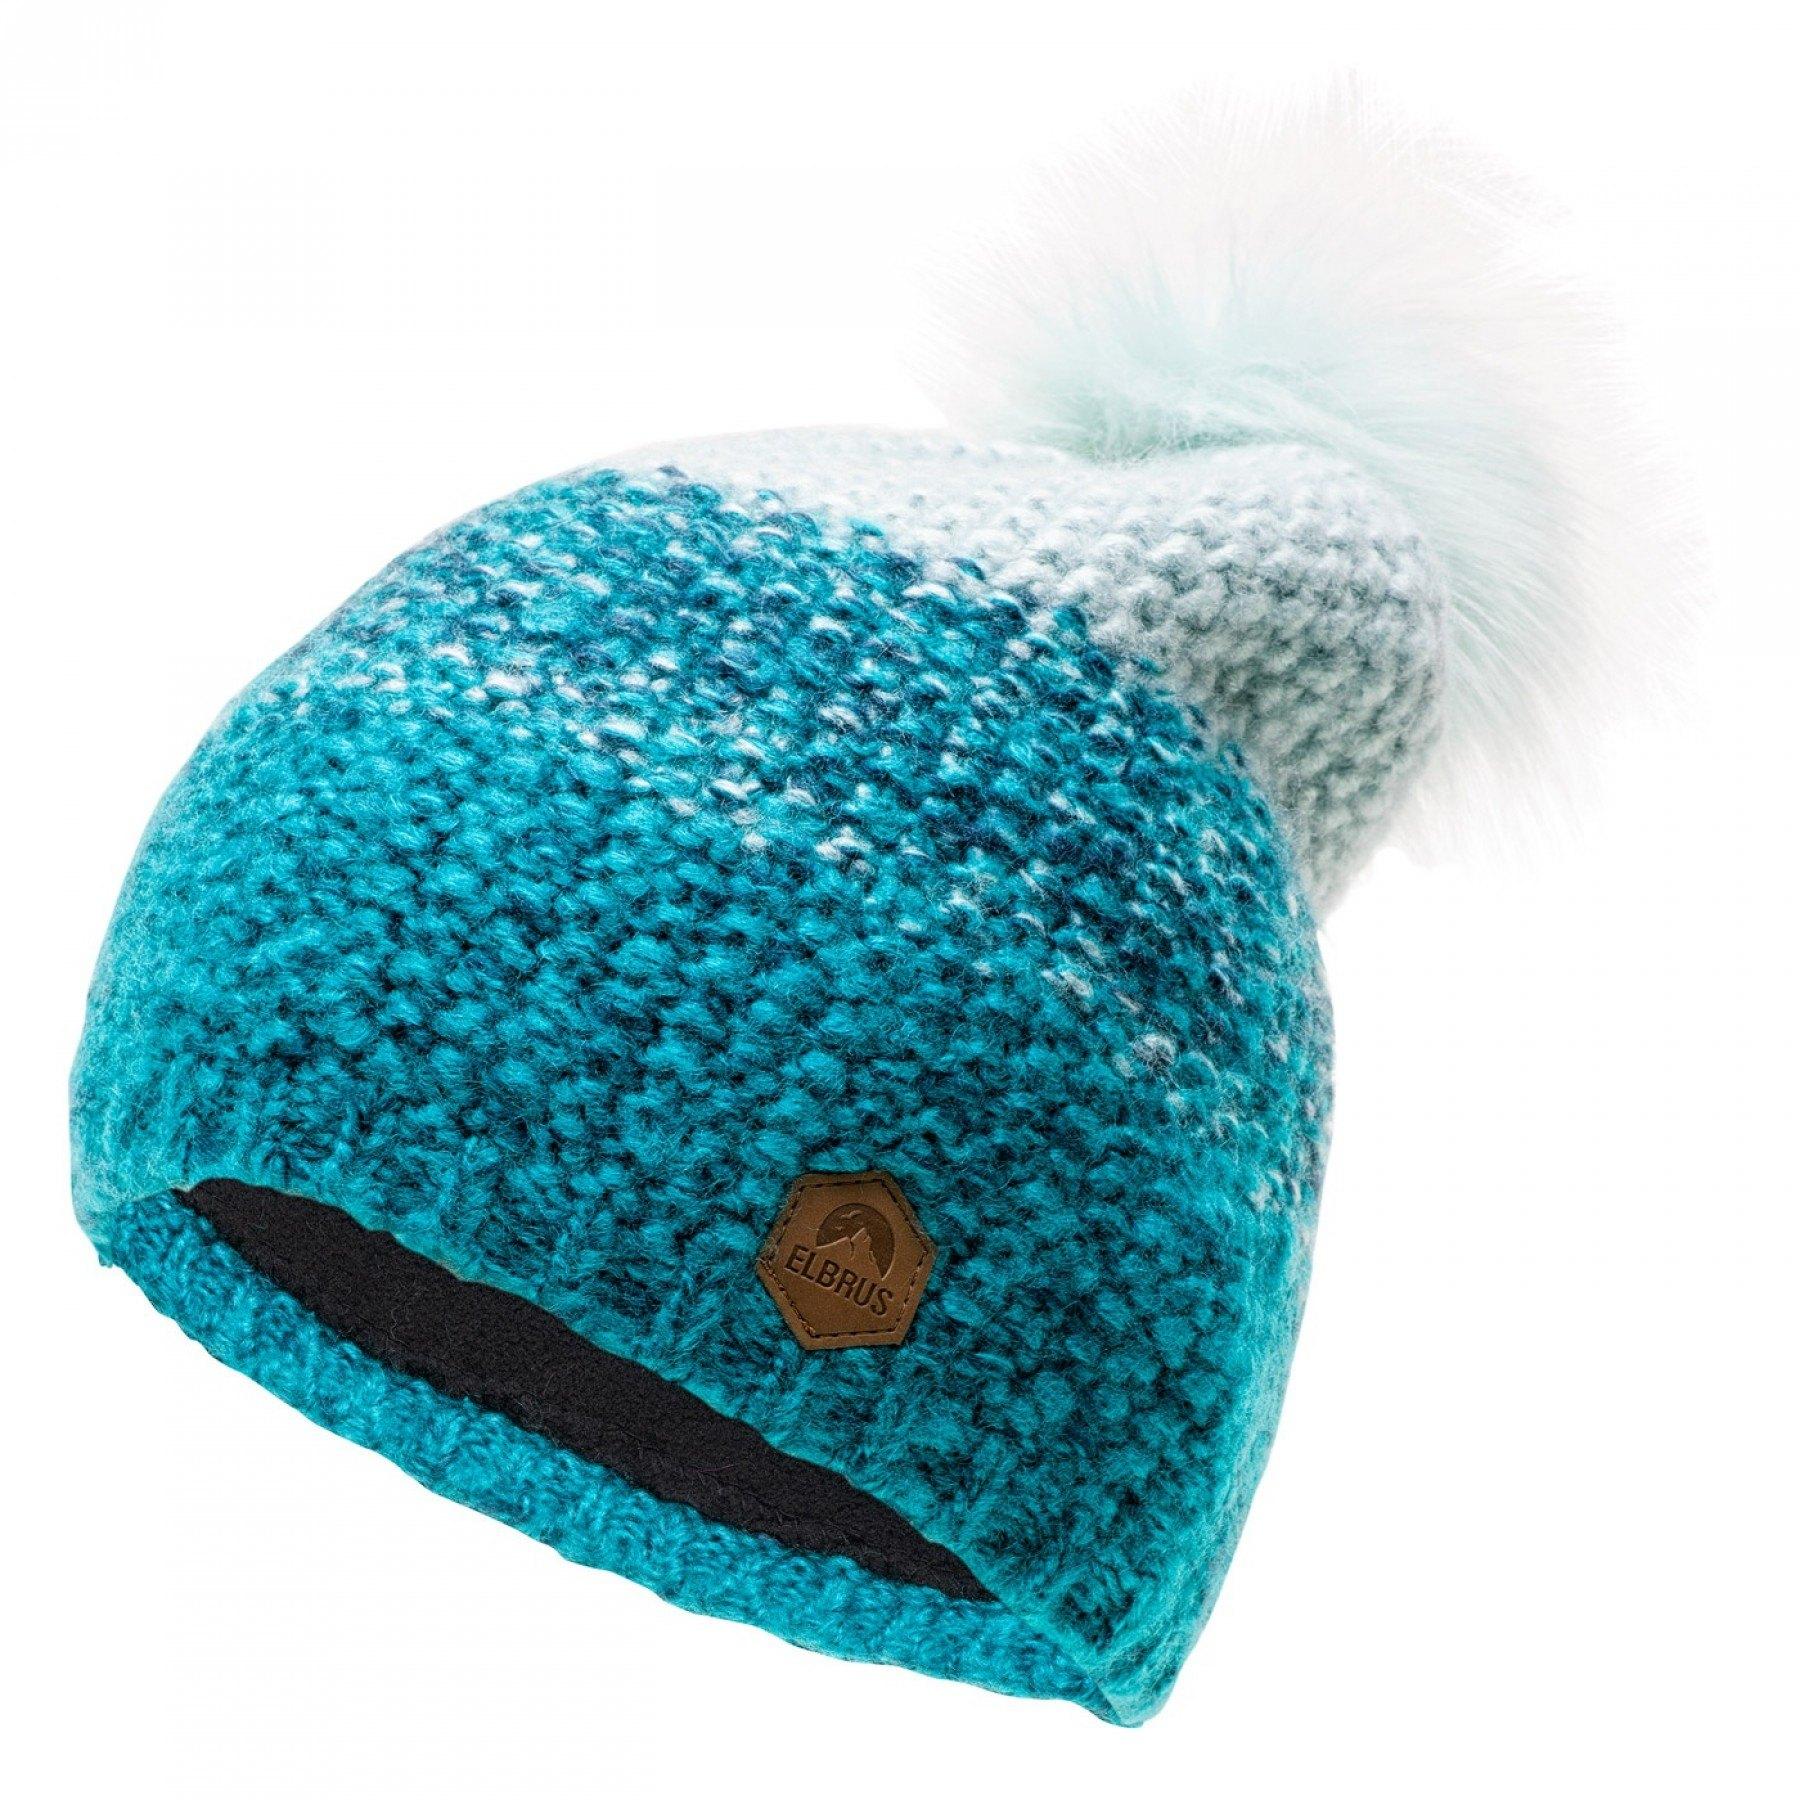 Elbrus Enja női téli sapka - Női ruházat - Női sapka és fejfedő ... d404863a7d